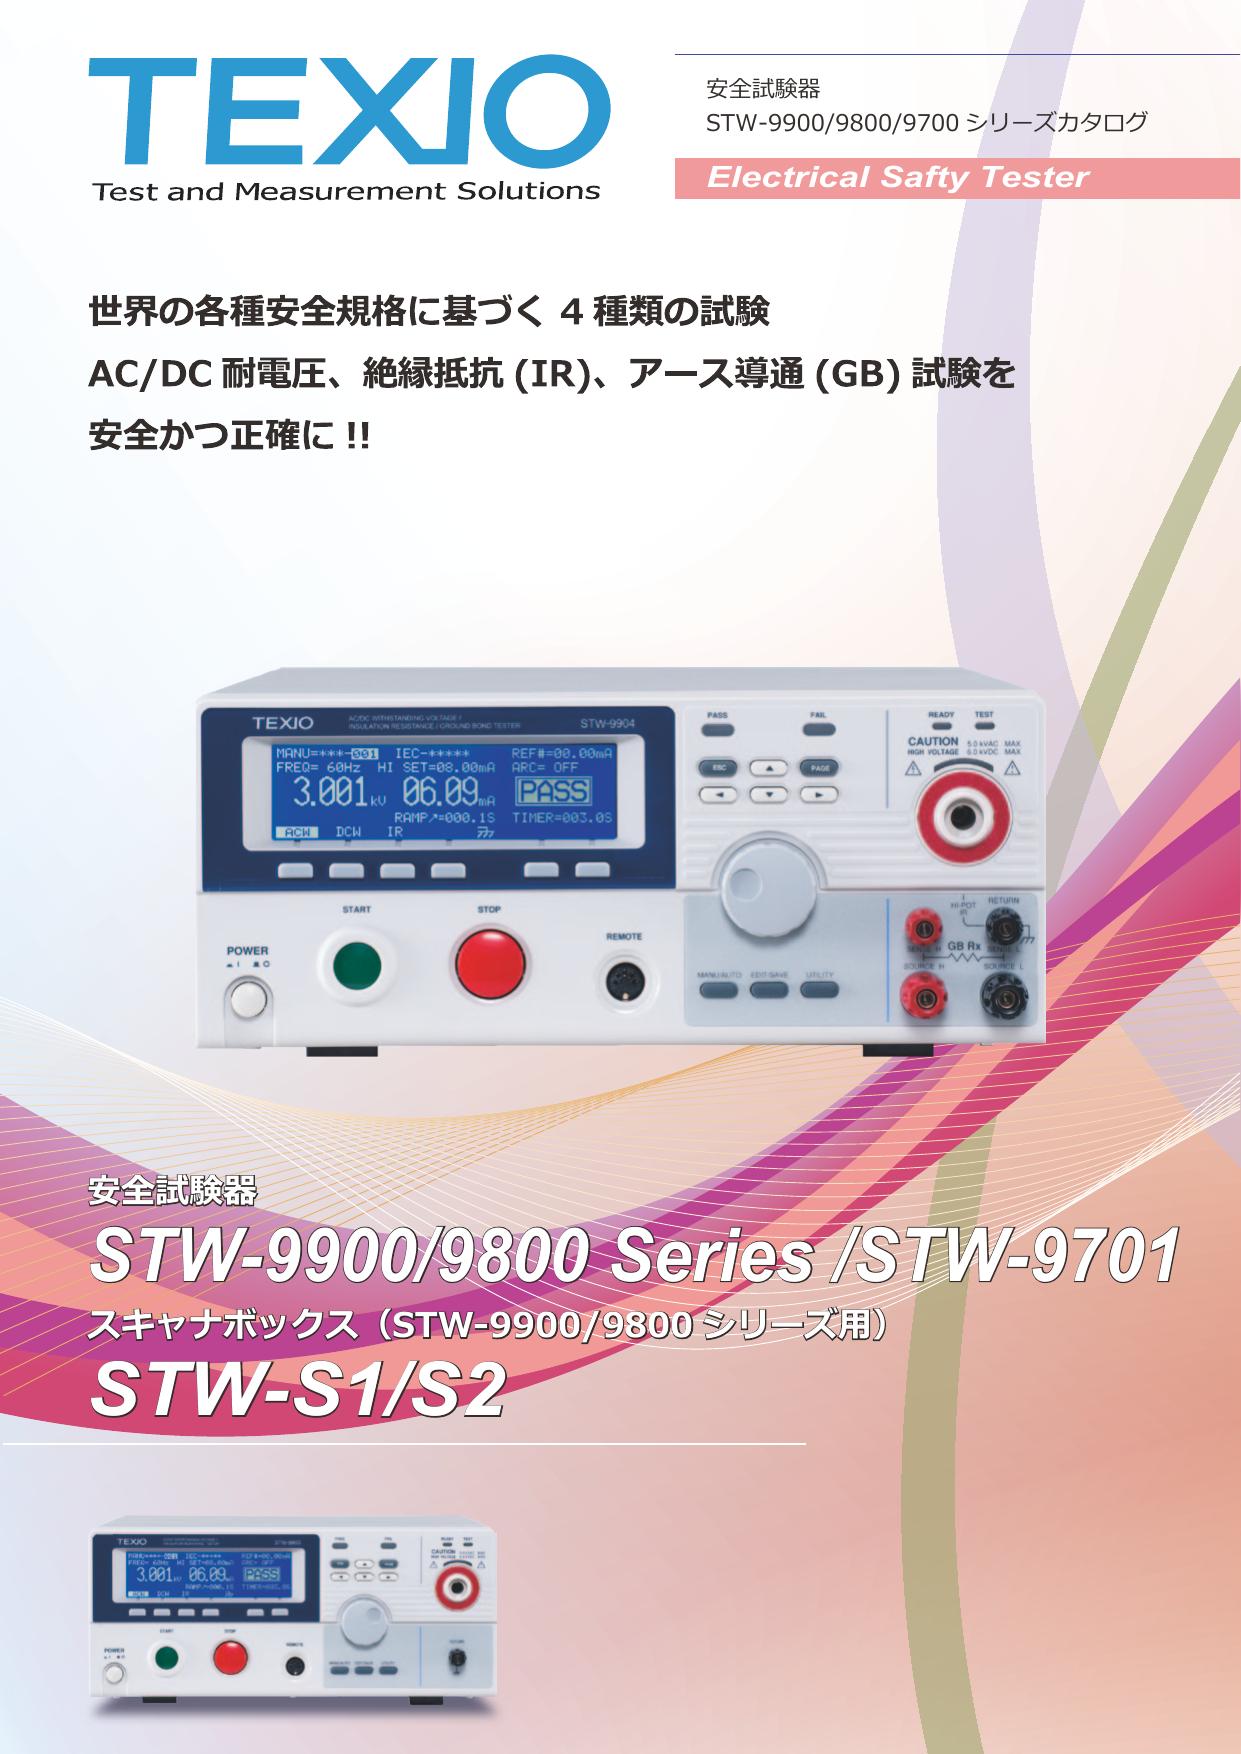 安全試験器 STW-9900/9800/9700 シリーズカタログ